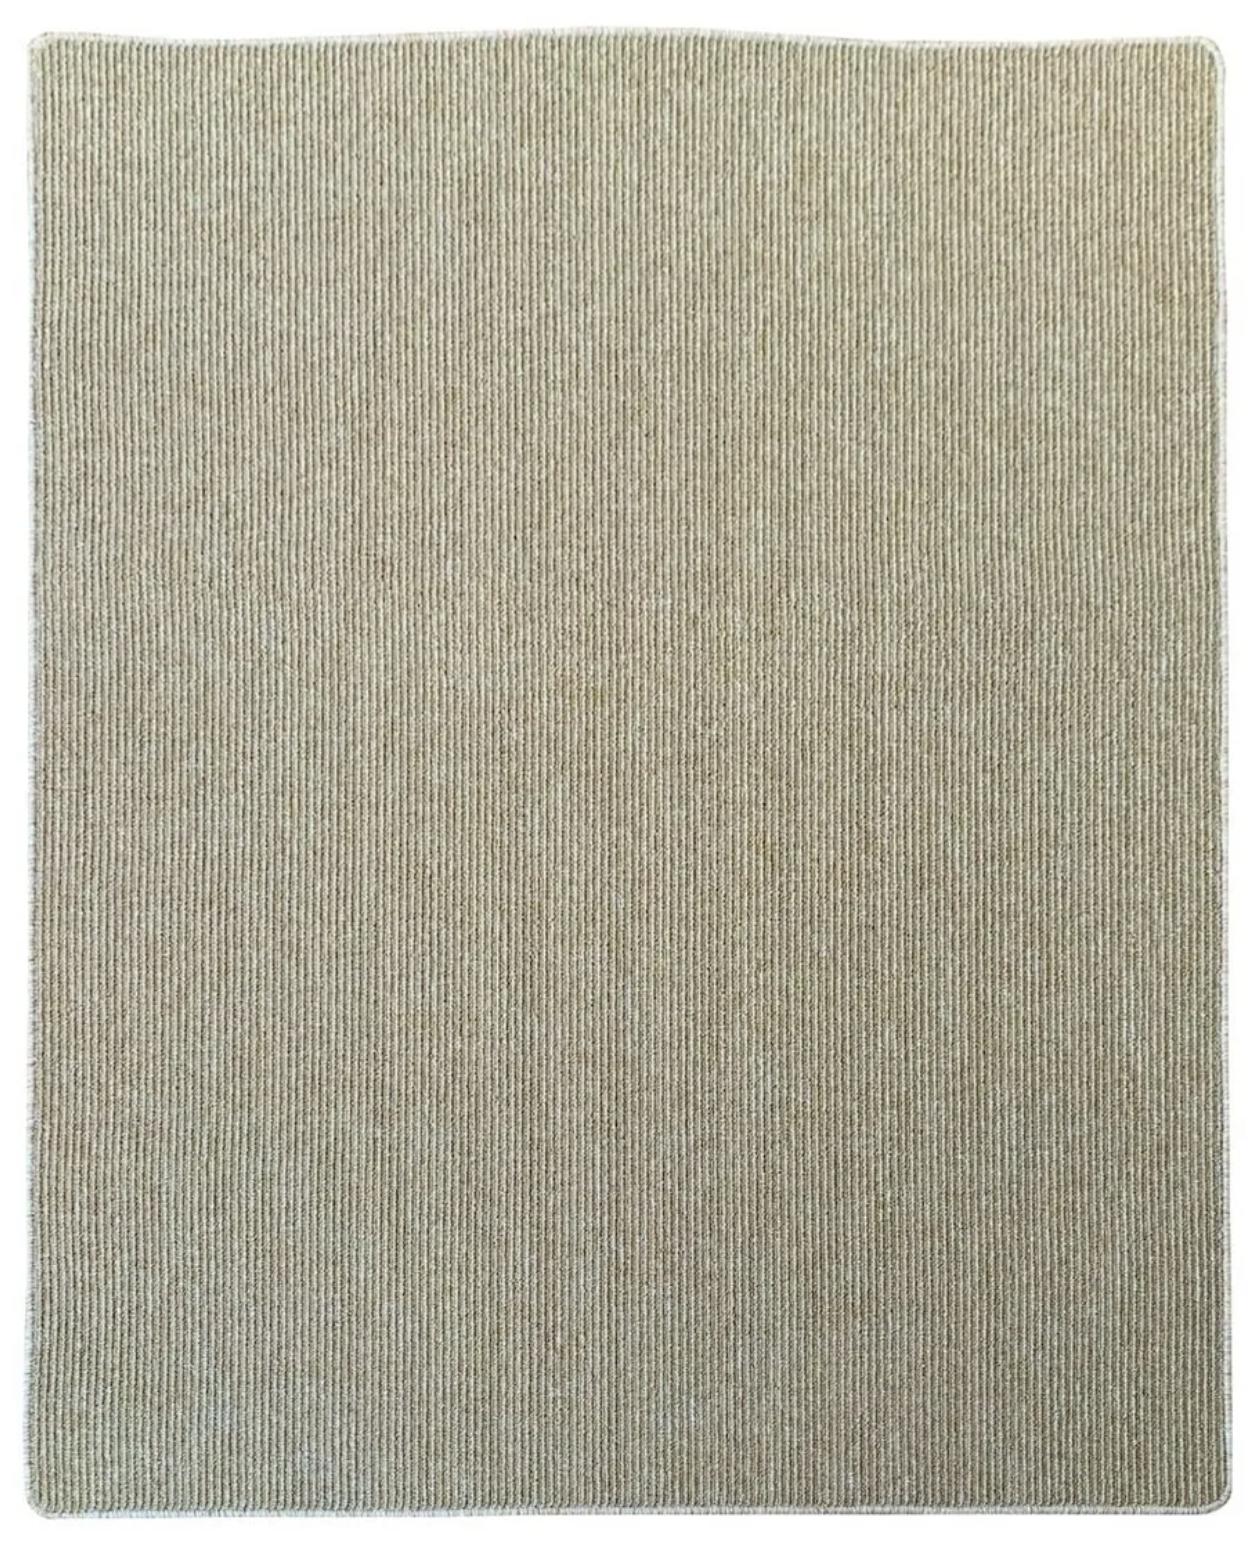 Captura de Pantalla 2021-06-05 a la(s) 20.30.34